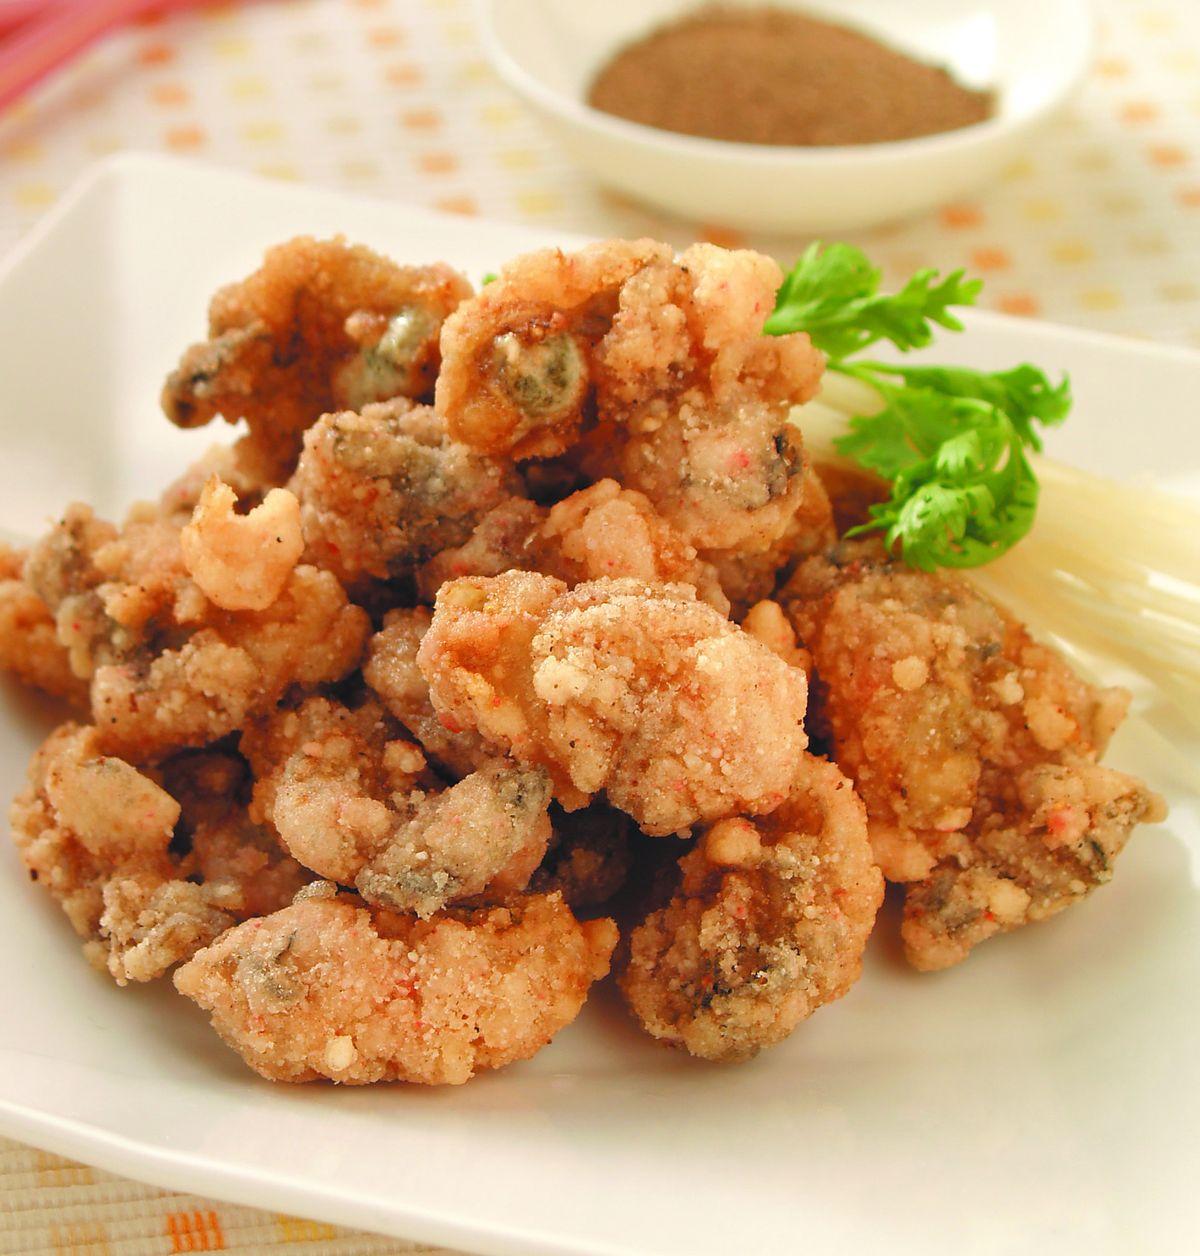 食譜:酥炸鮮蚵(1)